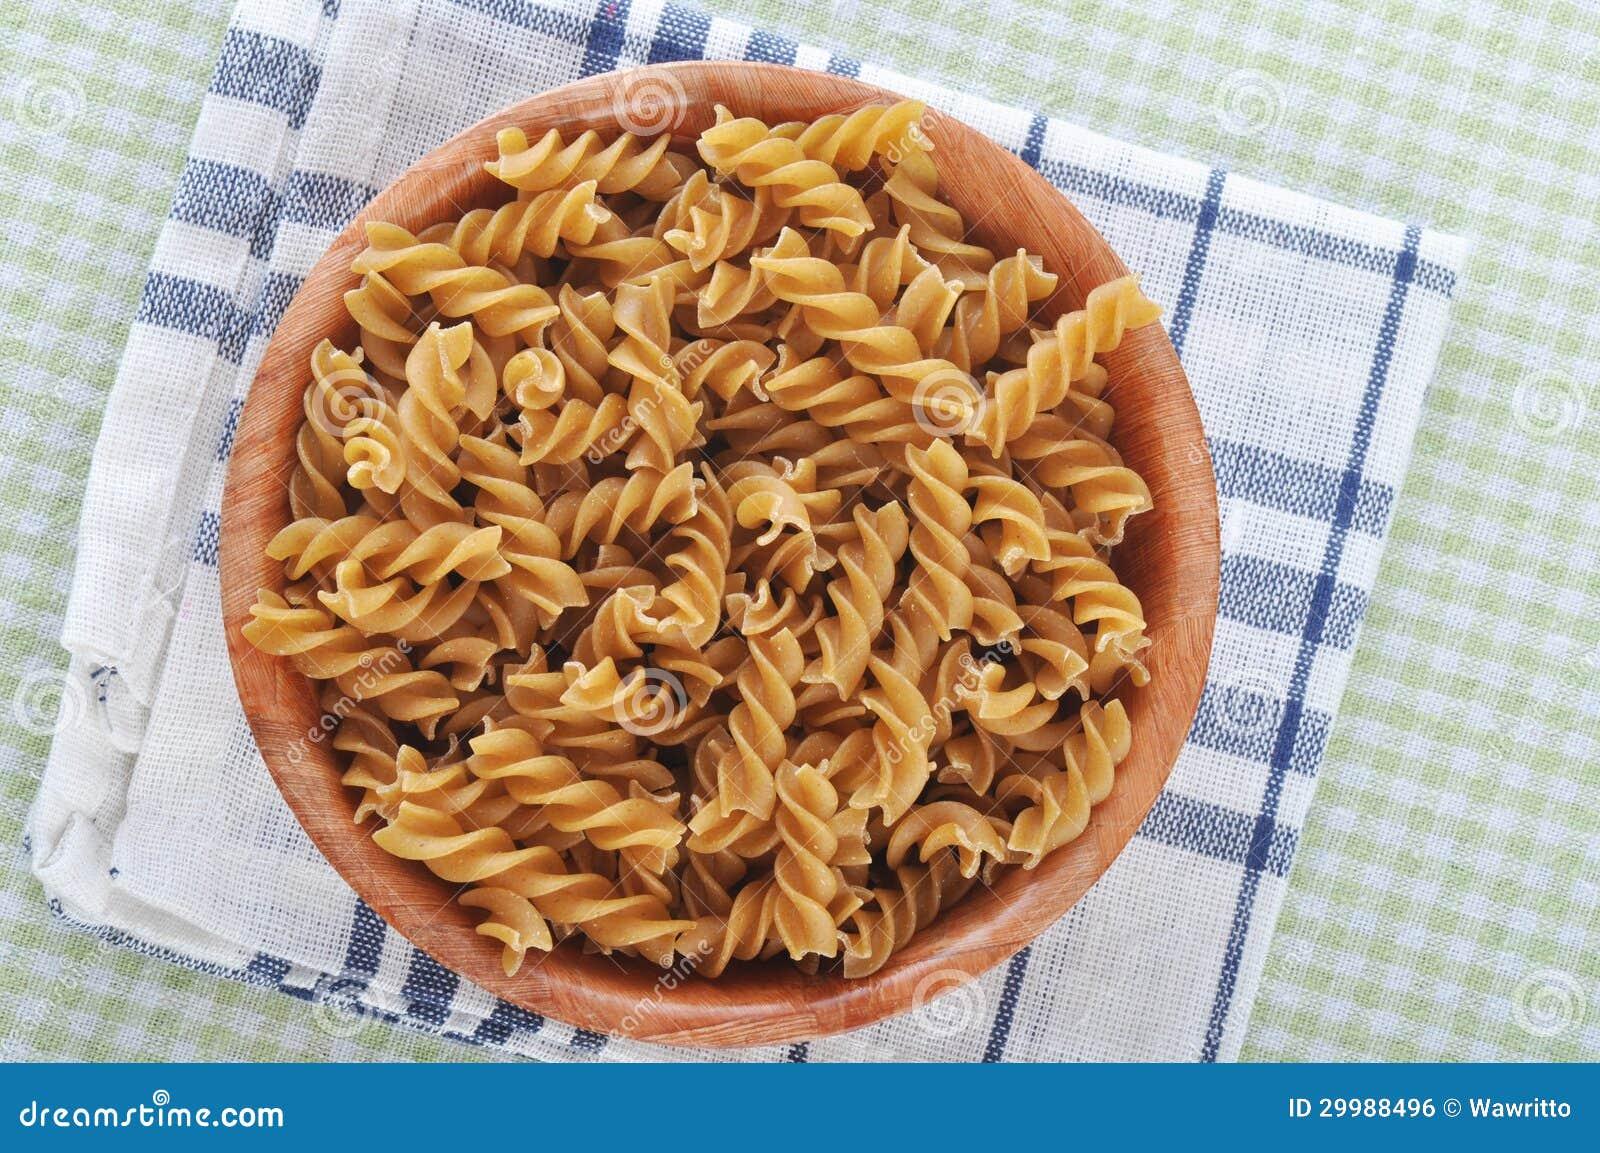 Wholemeal fusilli italian pasta